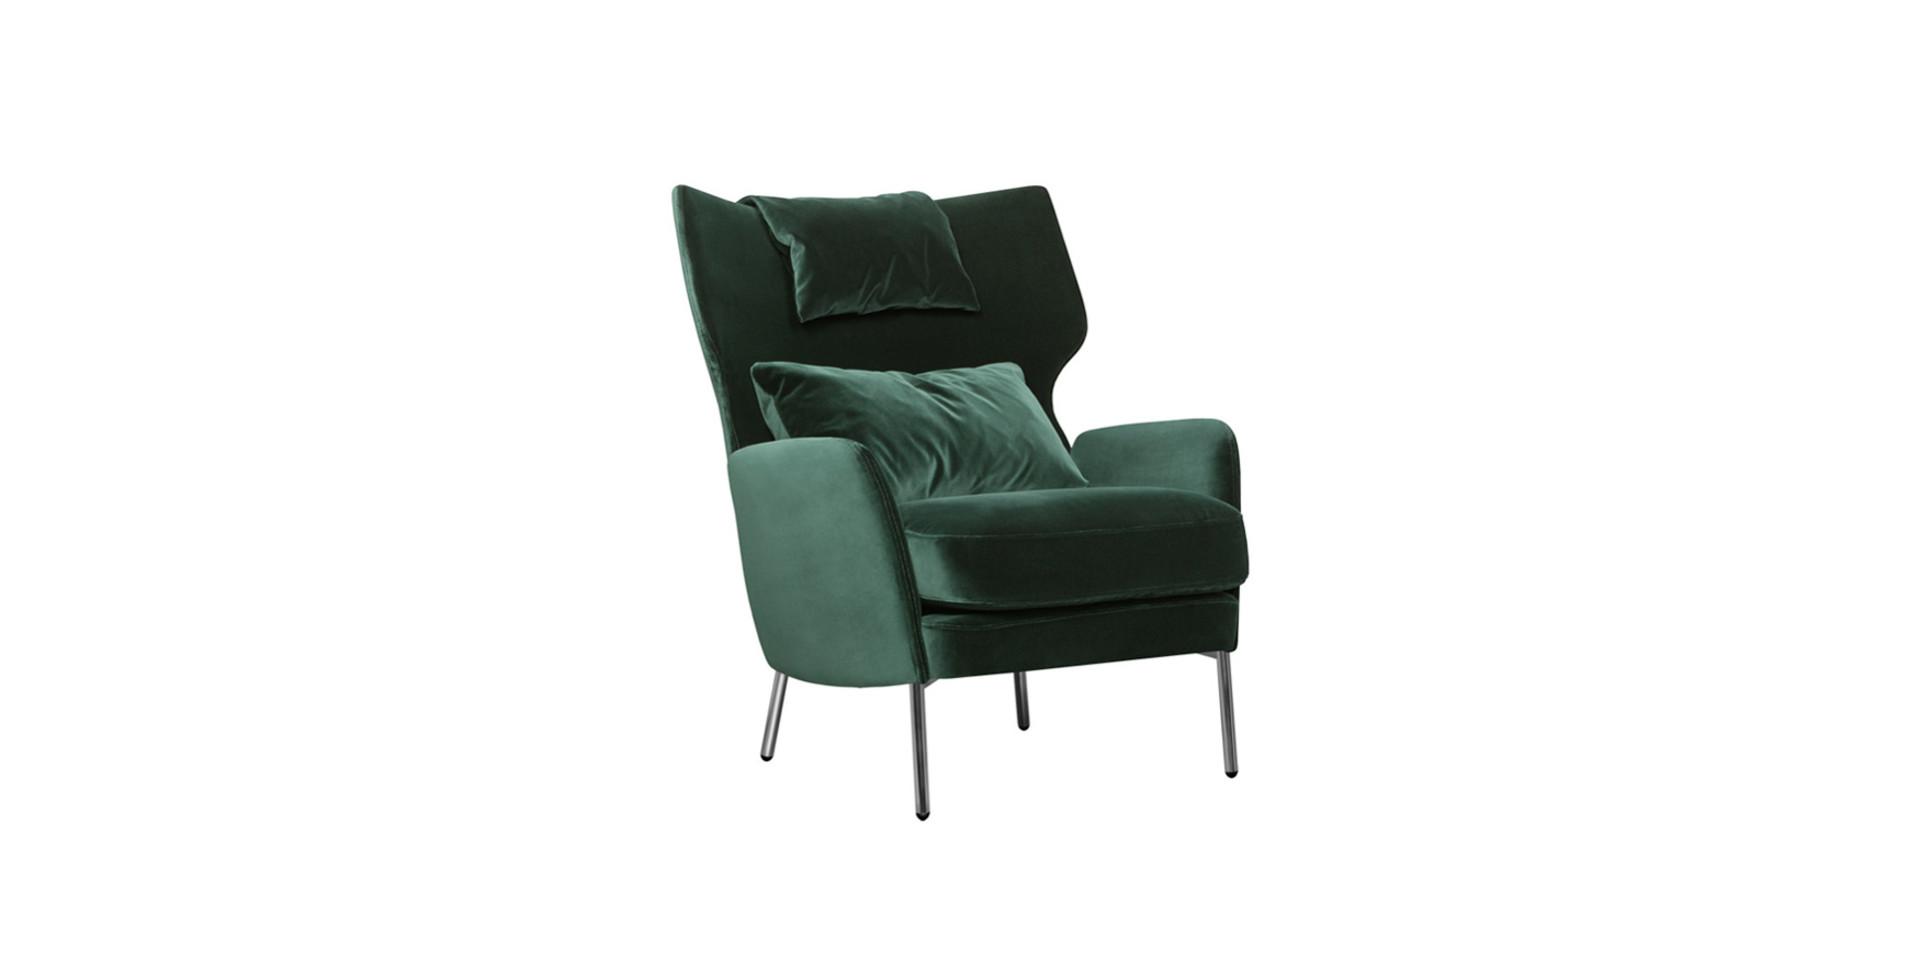 Fotel Alex z kolekcji Cocktail & Design marki SITS  | proj. Dan Ihreborn